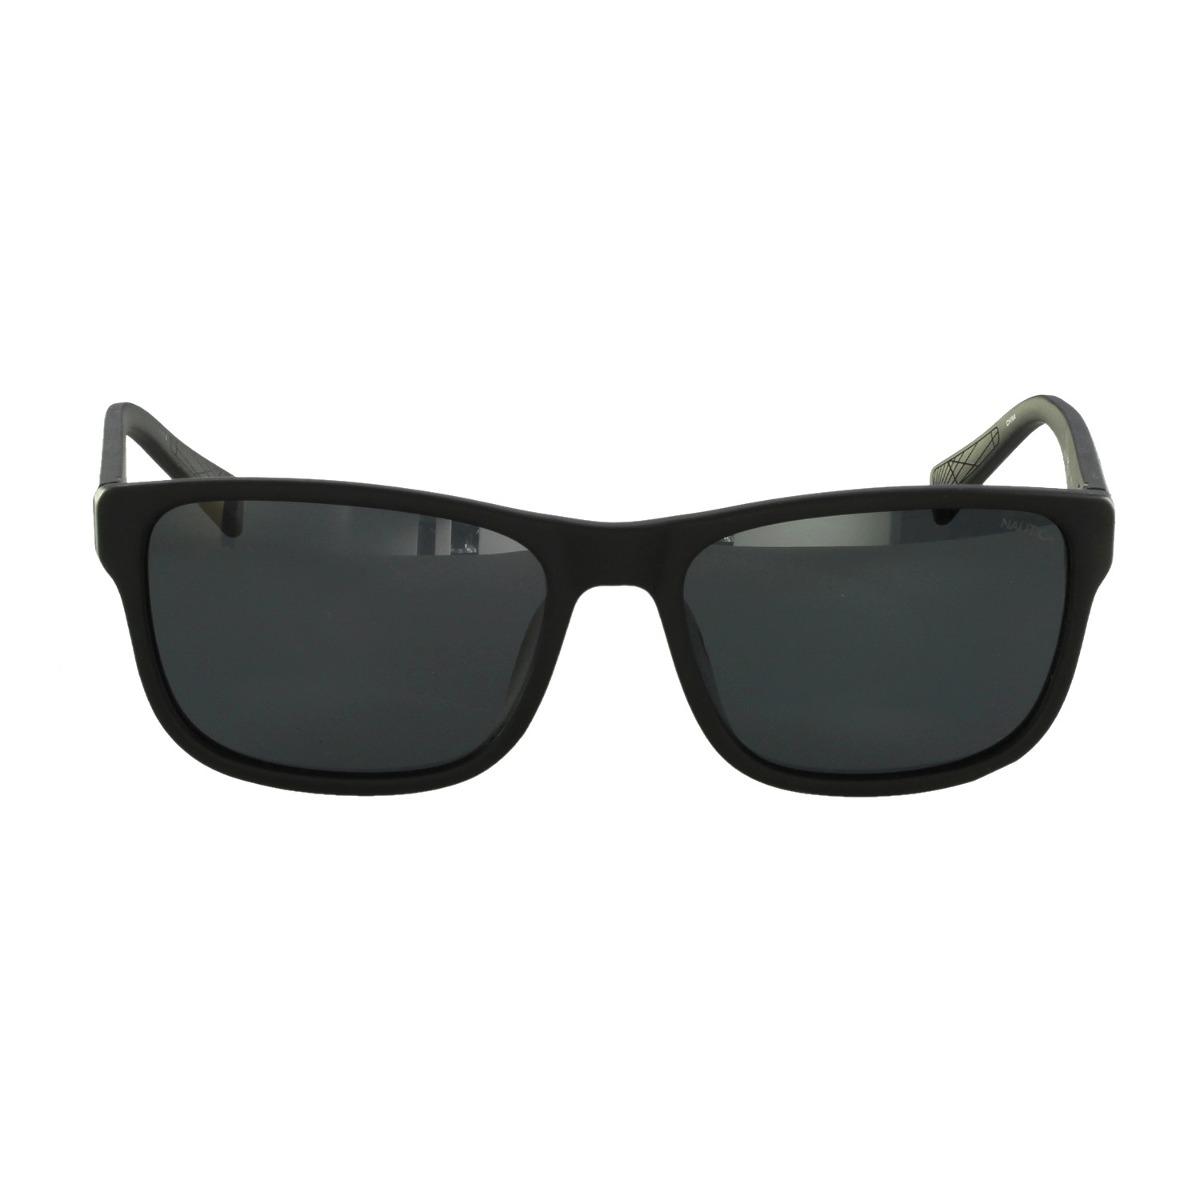 4967387ac9b45 óculos de sol nautica casual preto. Carregando zoom.